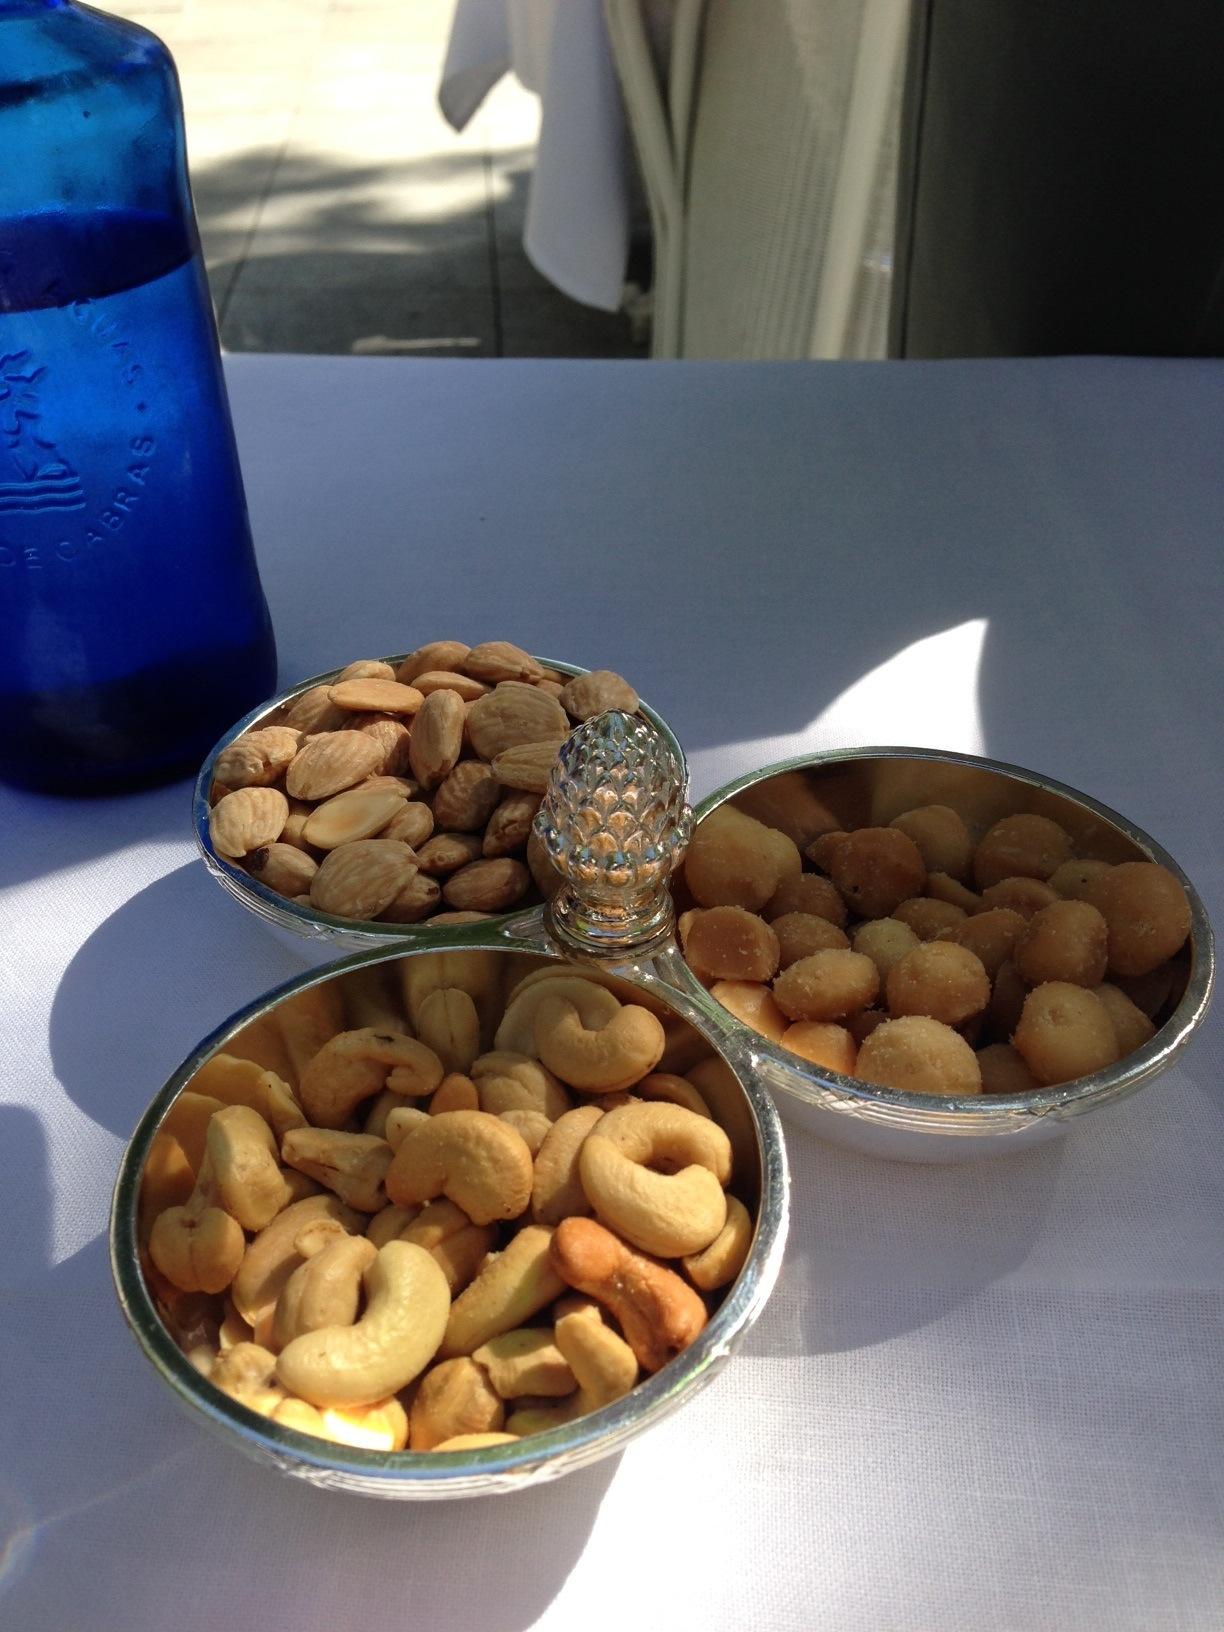 2012-12-04-nuts.jpg